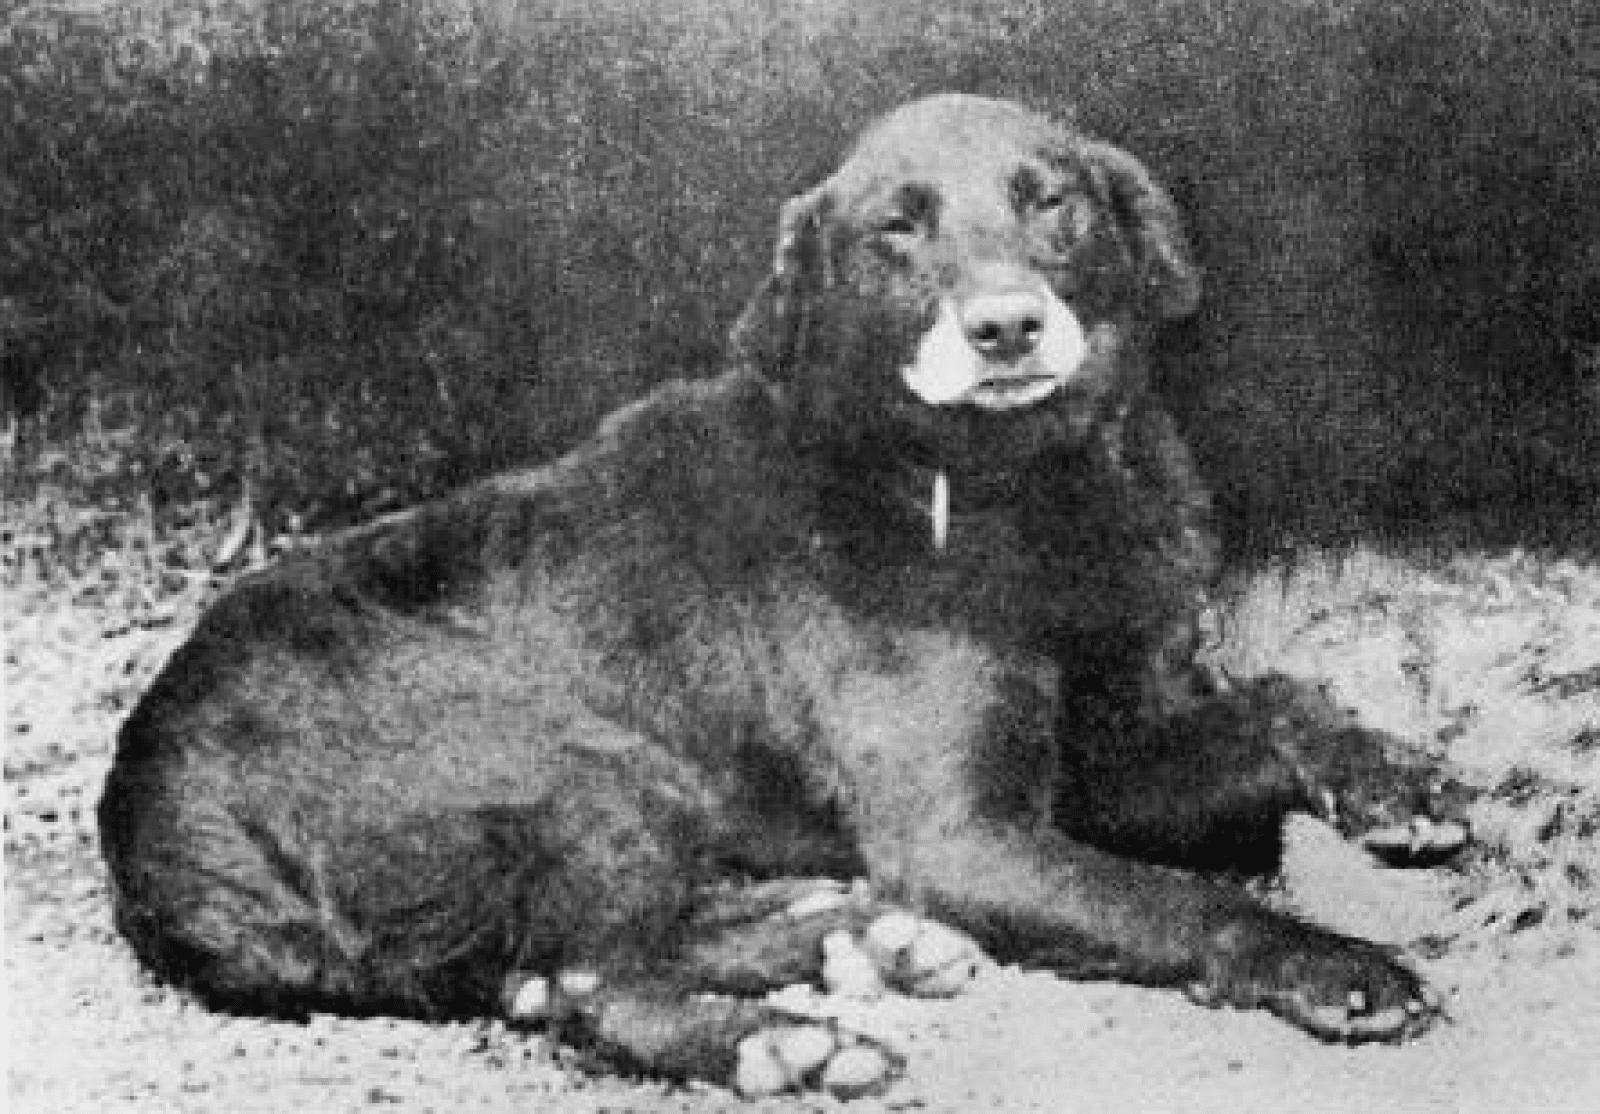 chien de chasse de race buccleuch avon